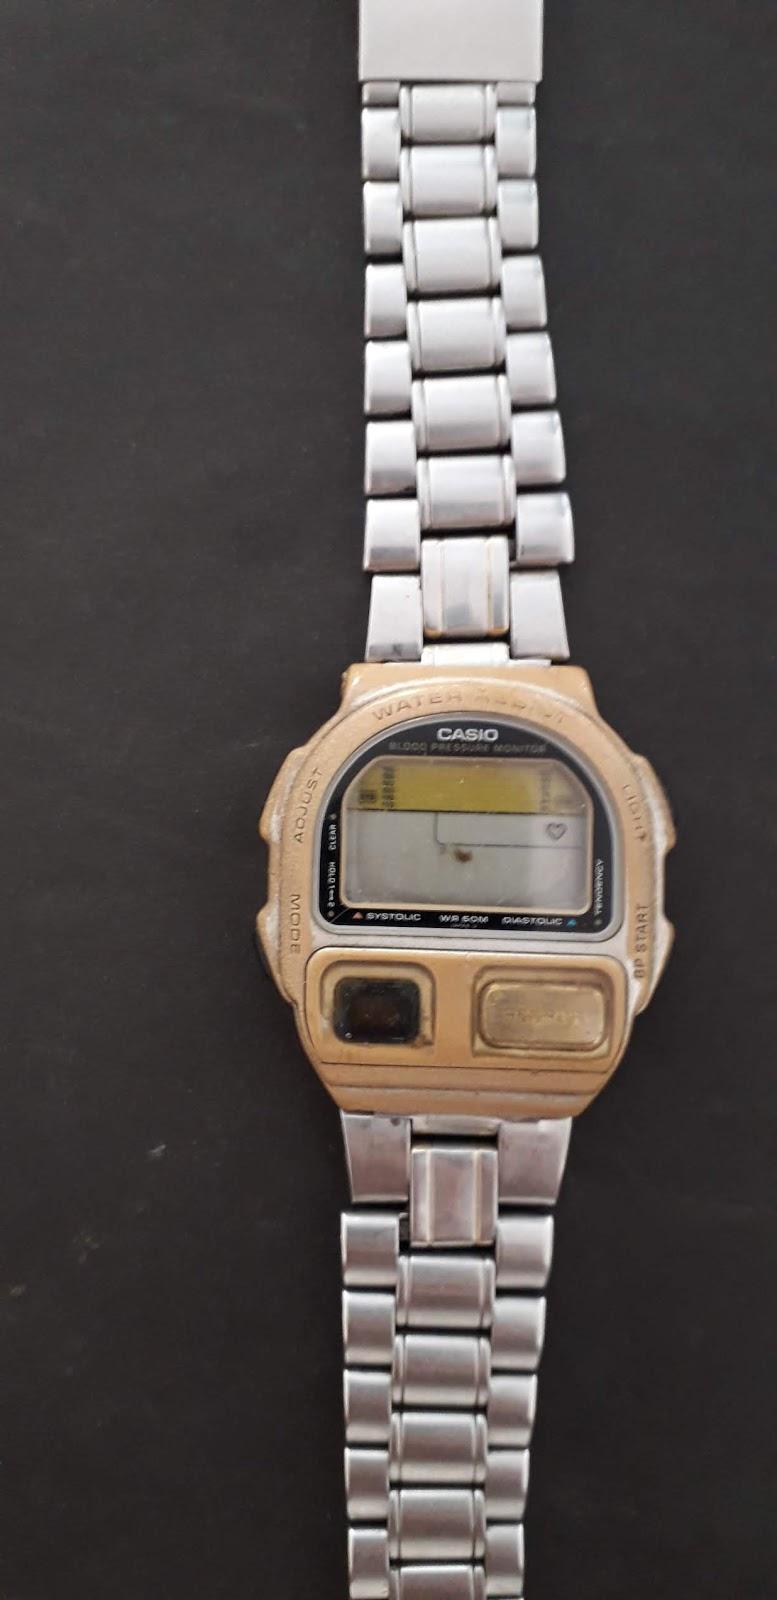 cdcd4ef531b aqui um pequeno vídeo de como funciona o relógio.